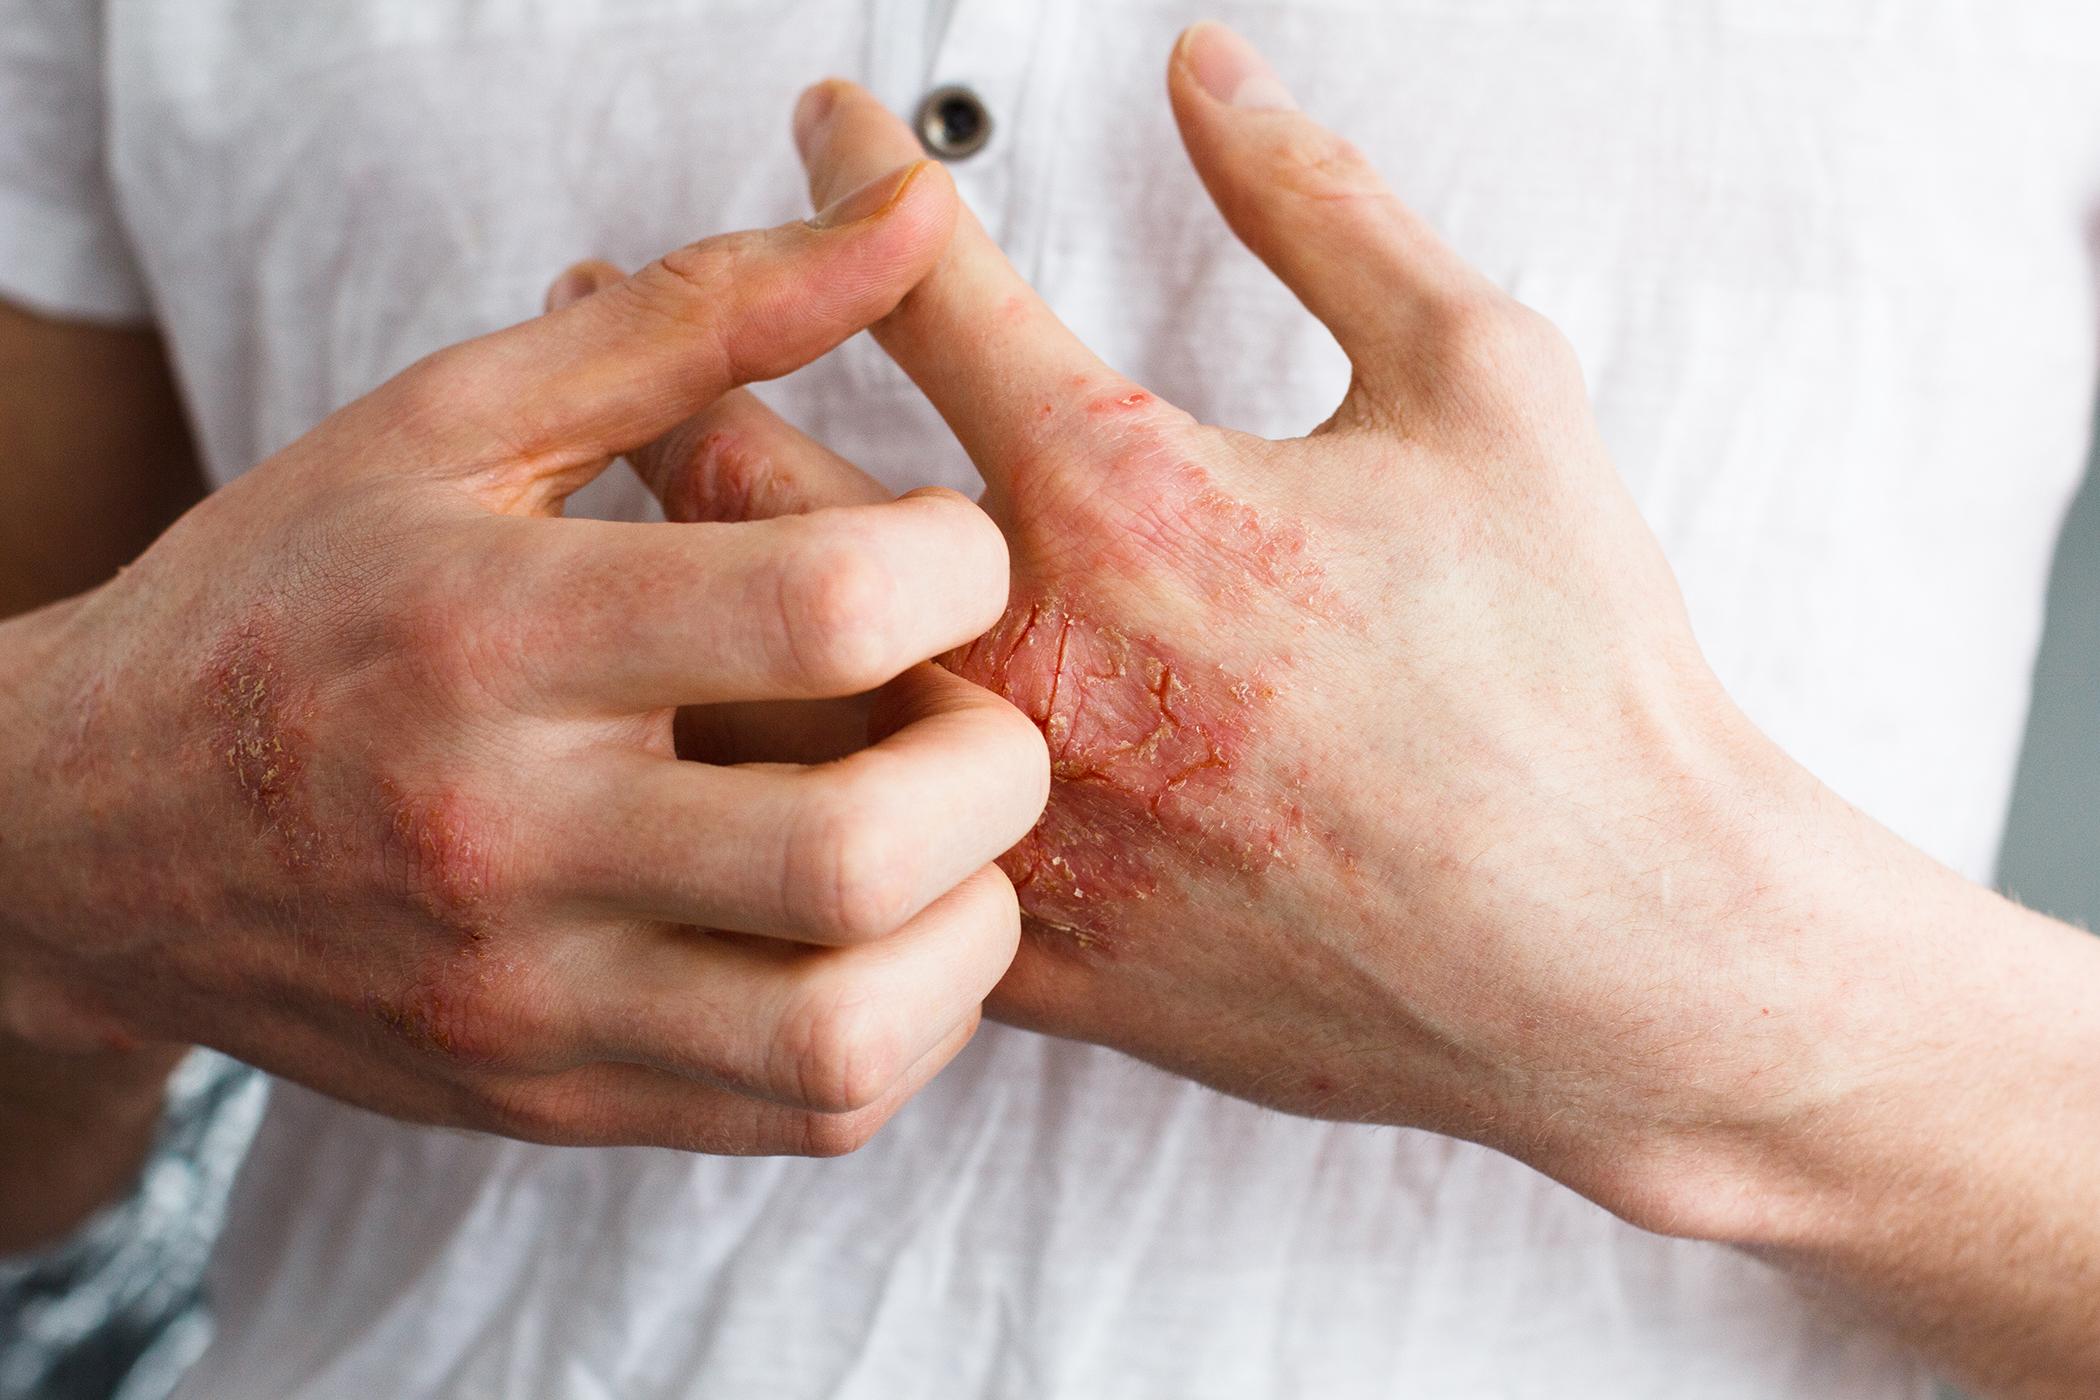 hogyan lehet hatékonyan gyógyítani a pikkelysömör vörös foltok jelentek meg a gyomorban, mit tegyenek, mit kezeljenek